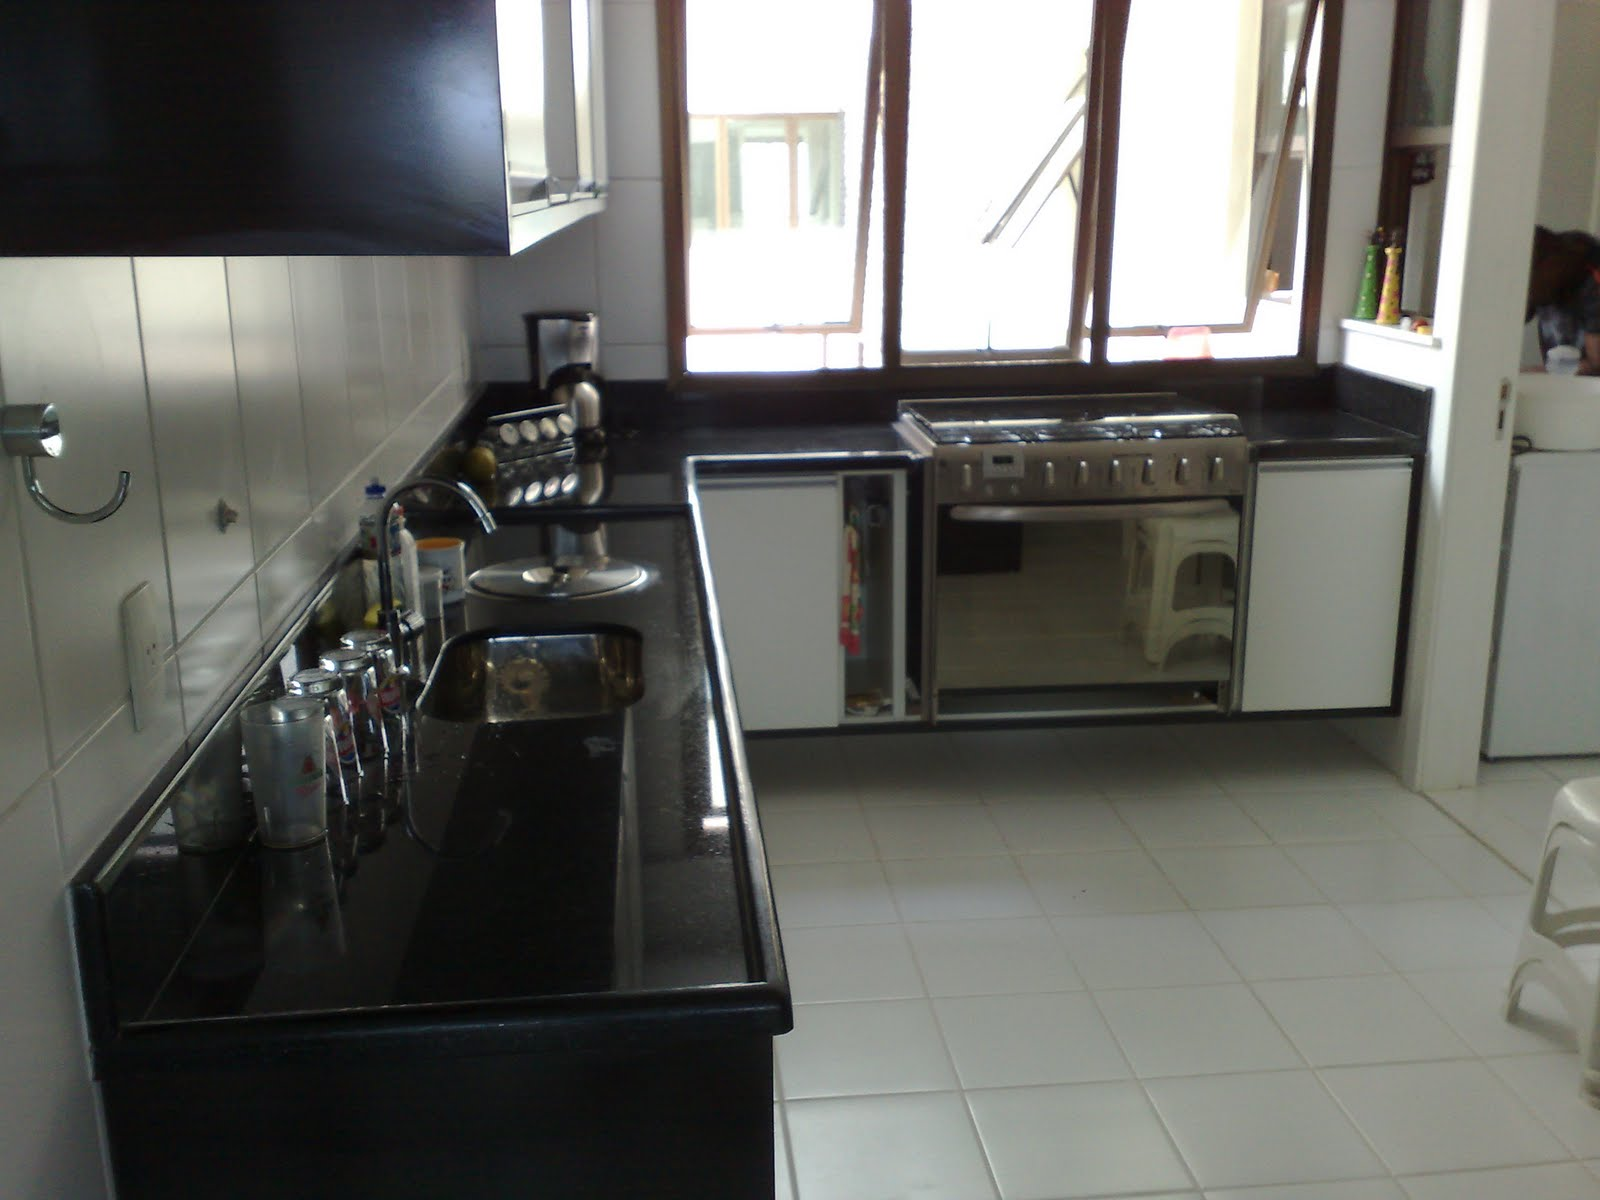 #5D4A42 Bancada de Cozinha em Preto São Gabriel 1600x1200 px Bancada De Granito Para Cozinha Americana Preço_2423 Imagens